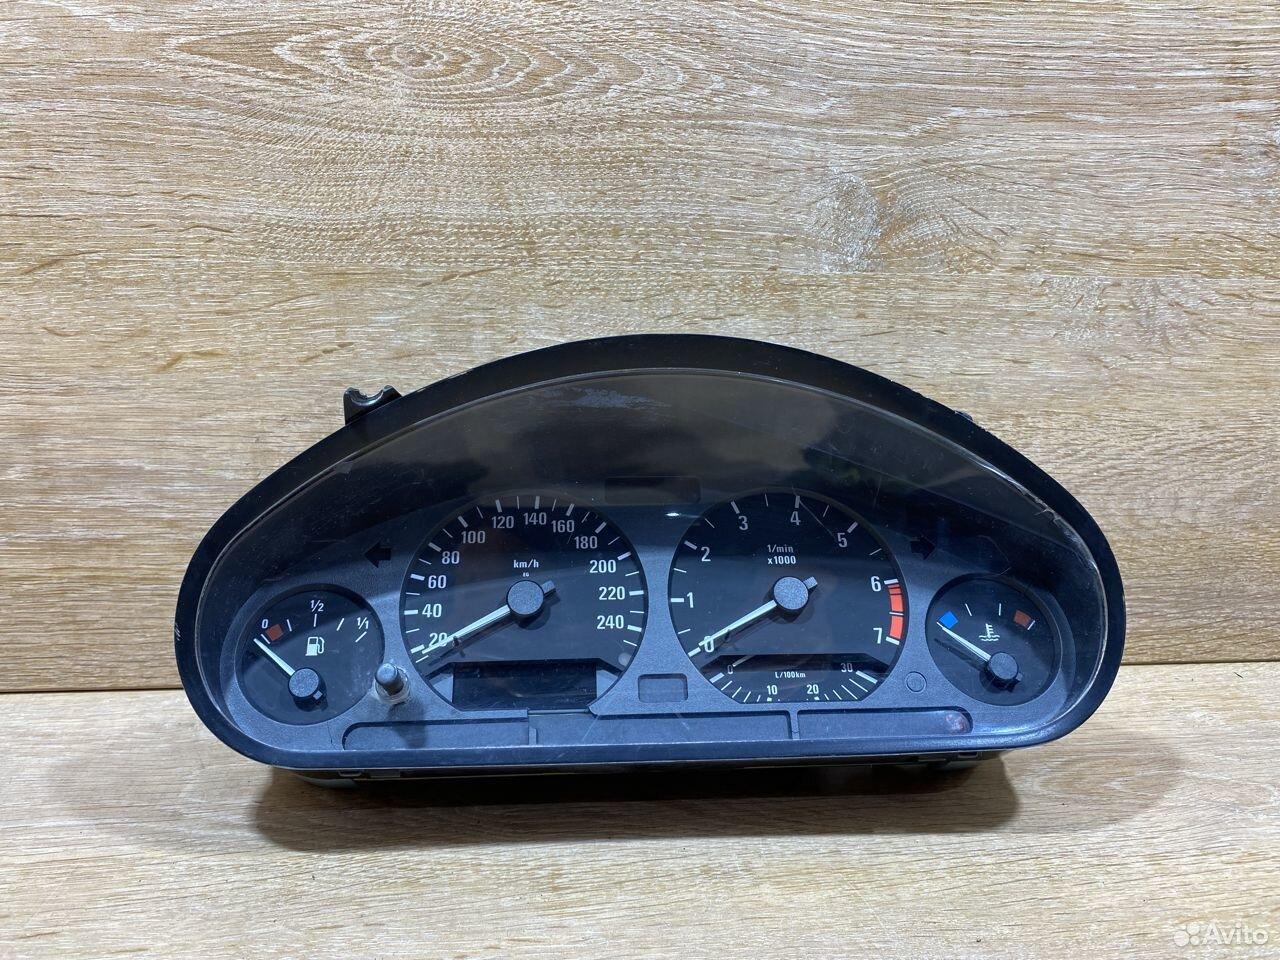 Панель приборов BMW E36 бензин 772098  89534684247 купить 1